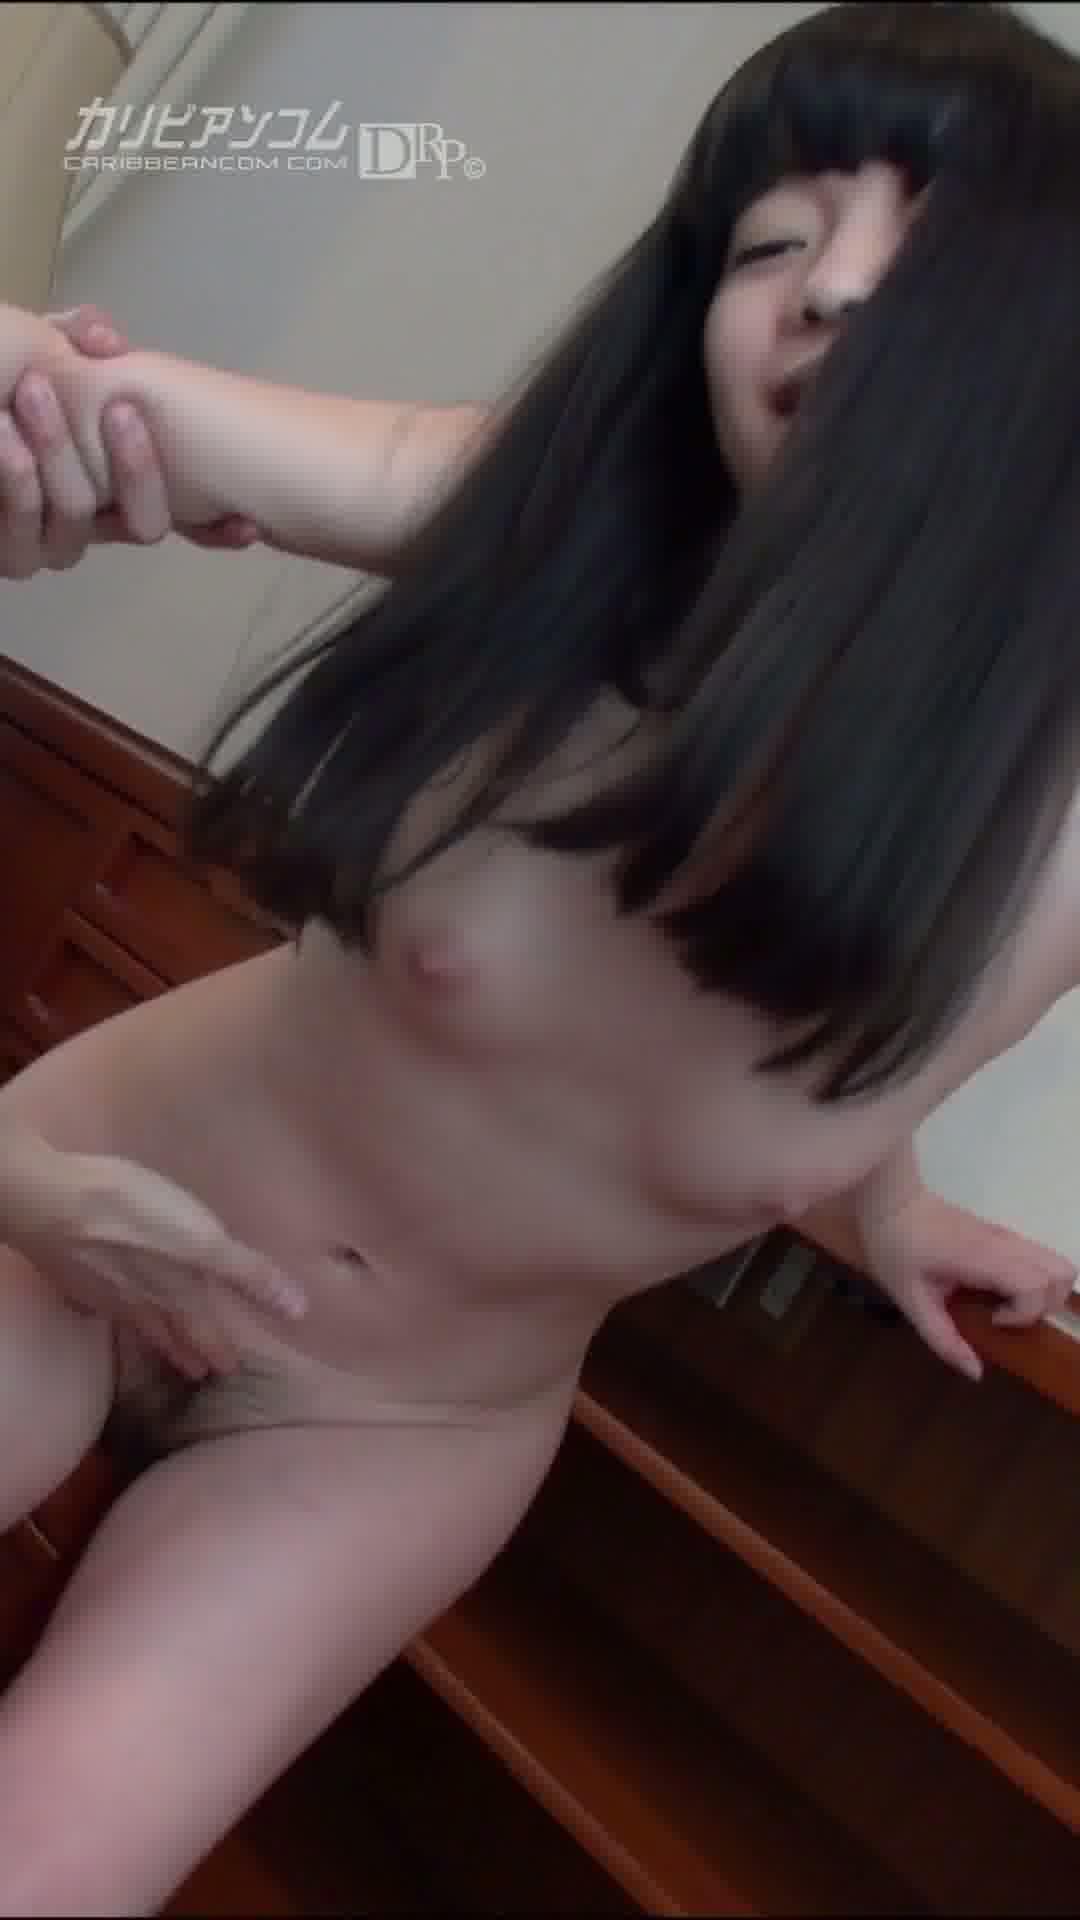 縦型動画 008 ~玩具責めでガックガク~ - 姫川ゆうな【美乳・美尻・バイブ】